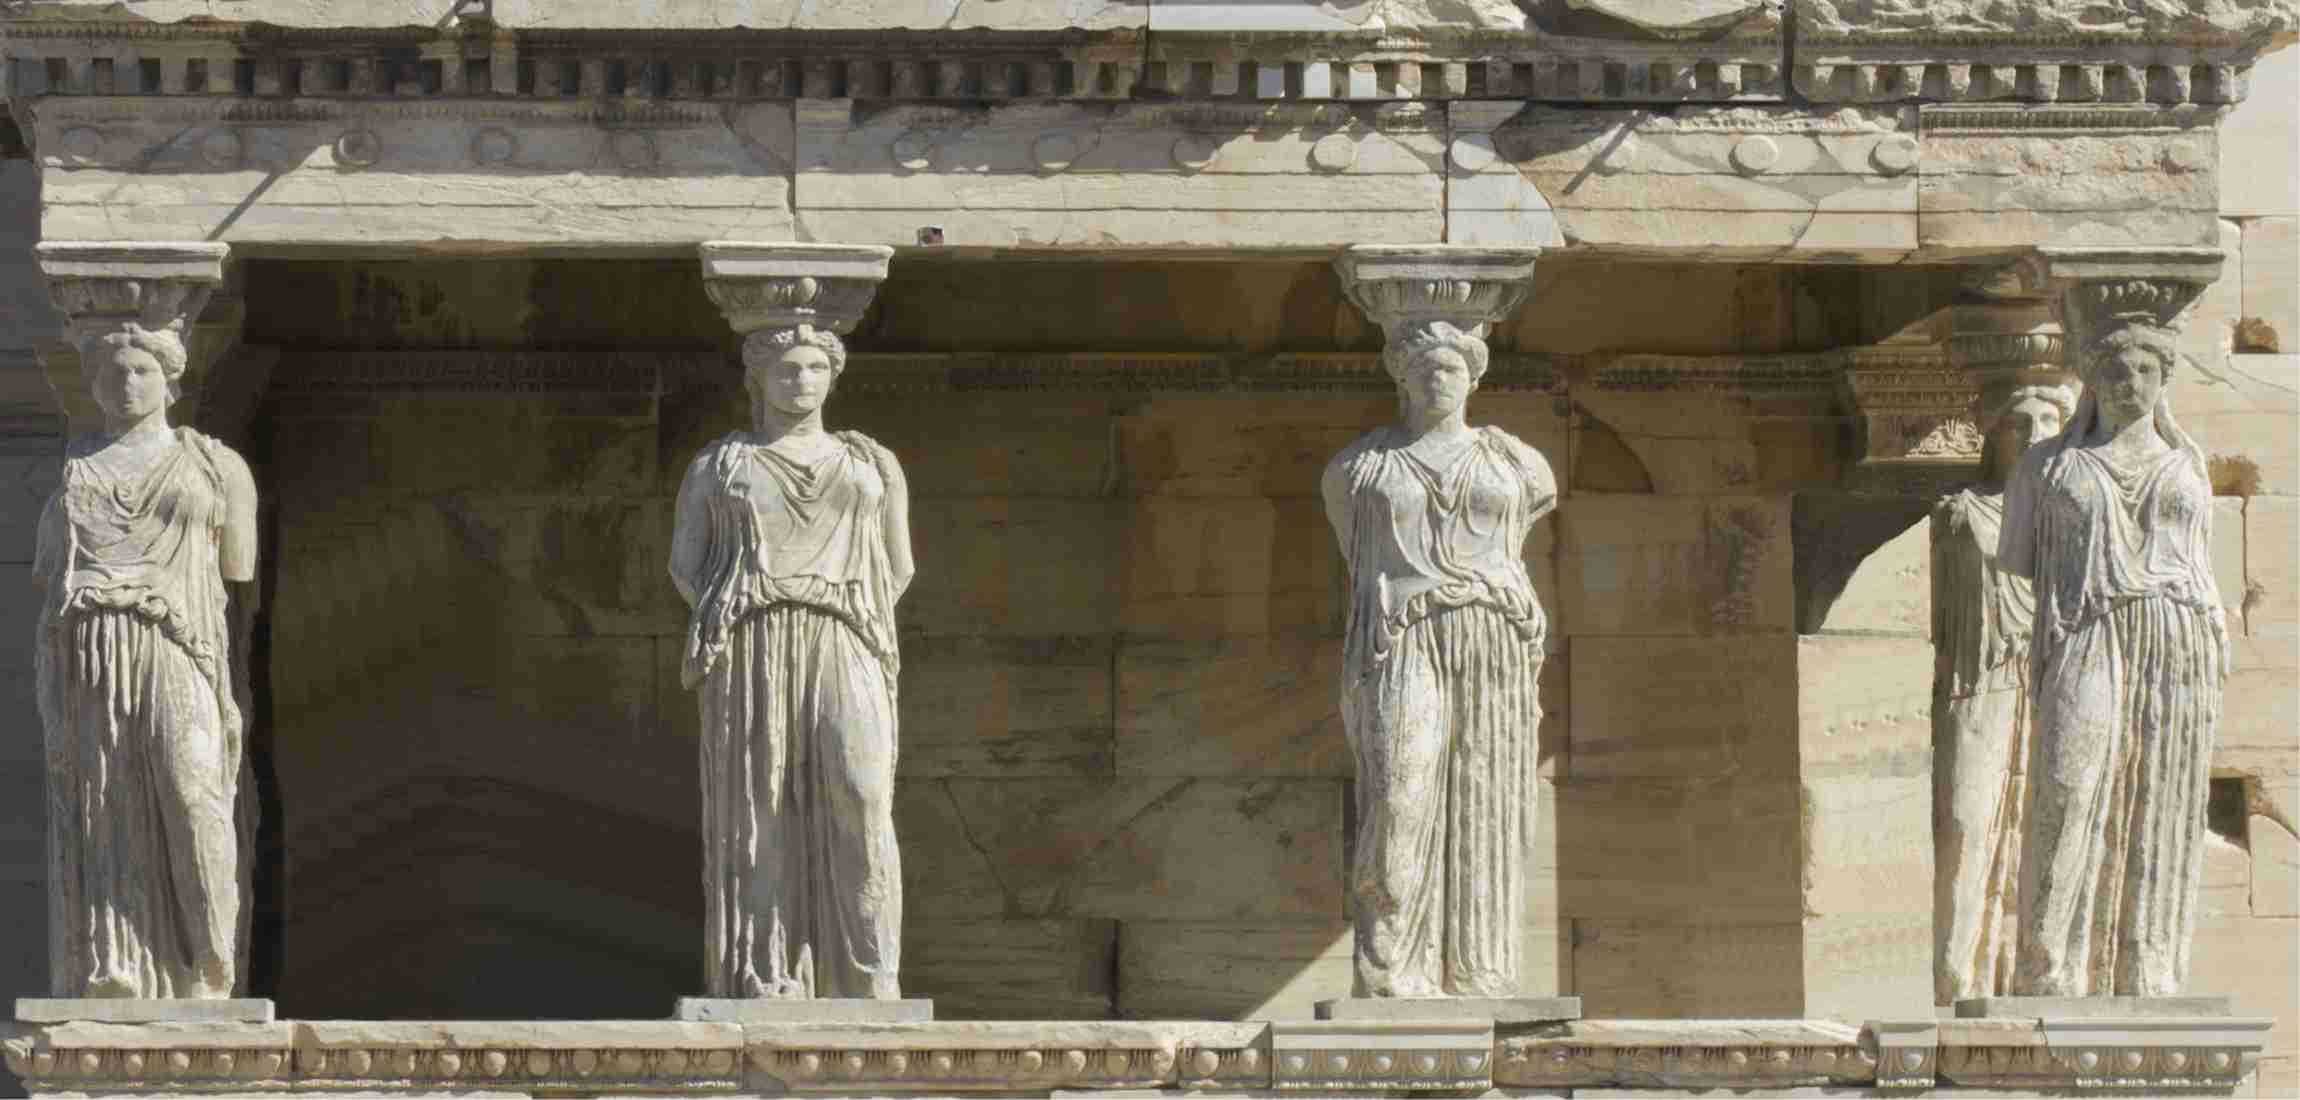 Verklaring van de Egyptische goden